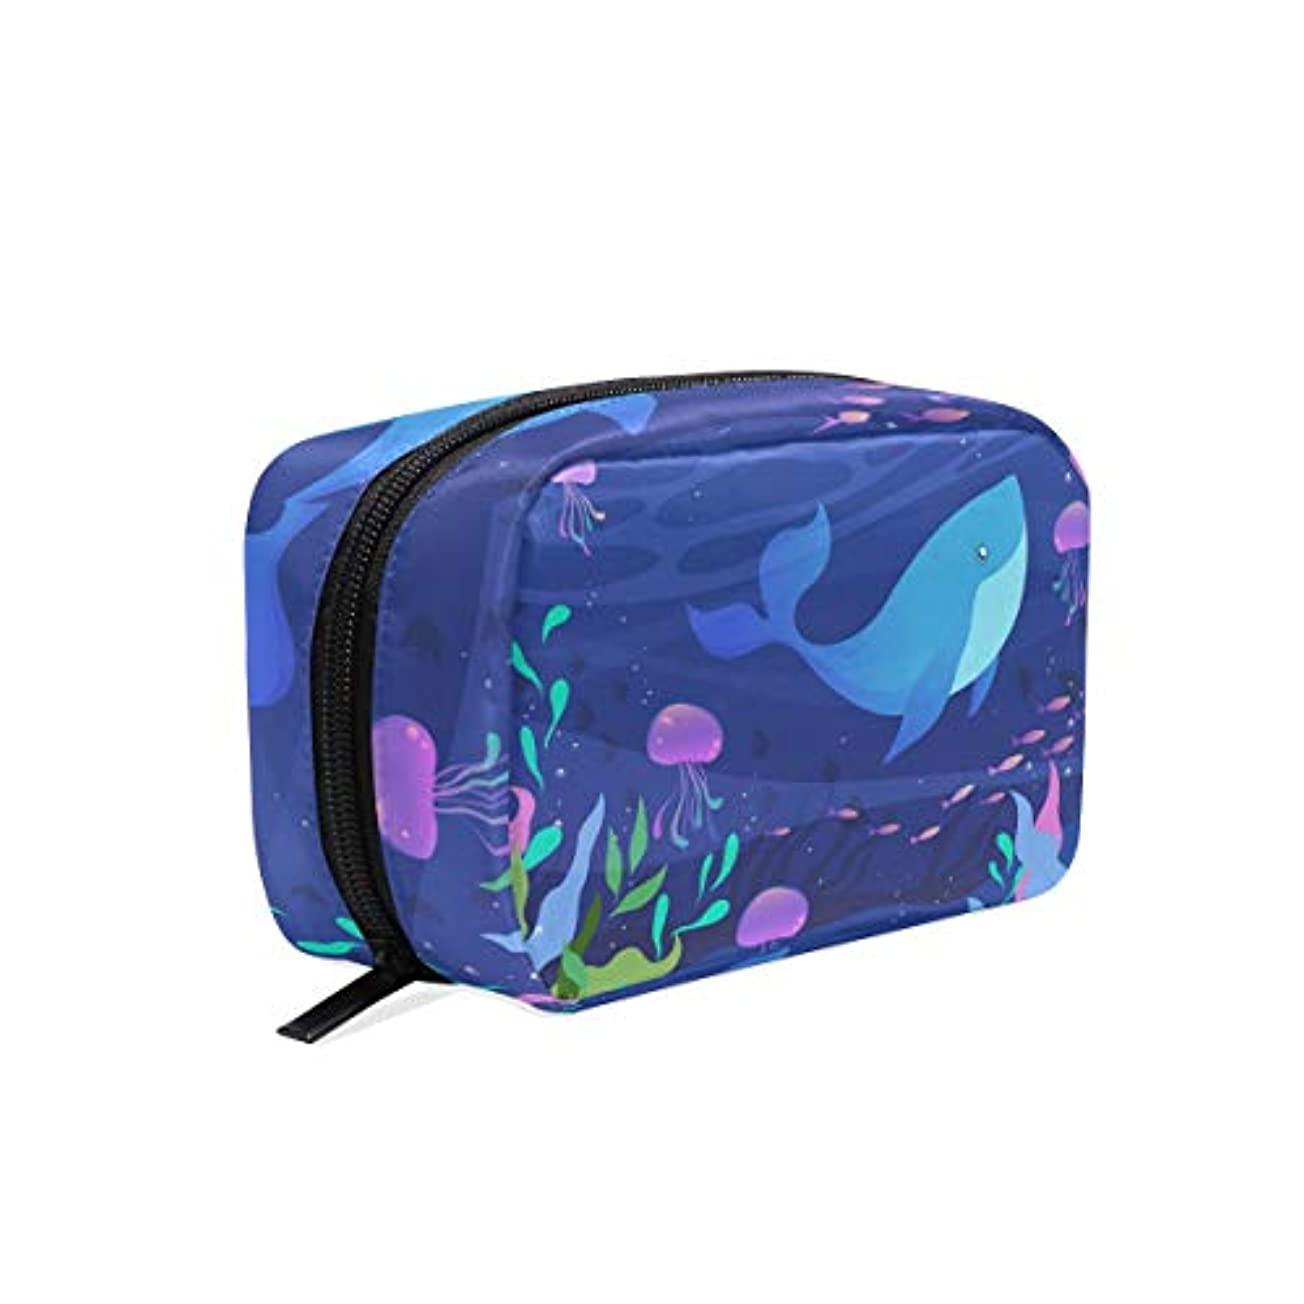 見出しクリーム聖人化粧品ポーチ クジラ 海洋 かわいい 仕切り付き 大容量 機能性 軽量 人気 収納バッグ  レディース トラベル 雑貨 小物入れ 防水 ストレージポーチ 携帯便利 日用品 旅行 出張用 メイクポーチ